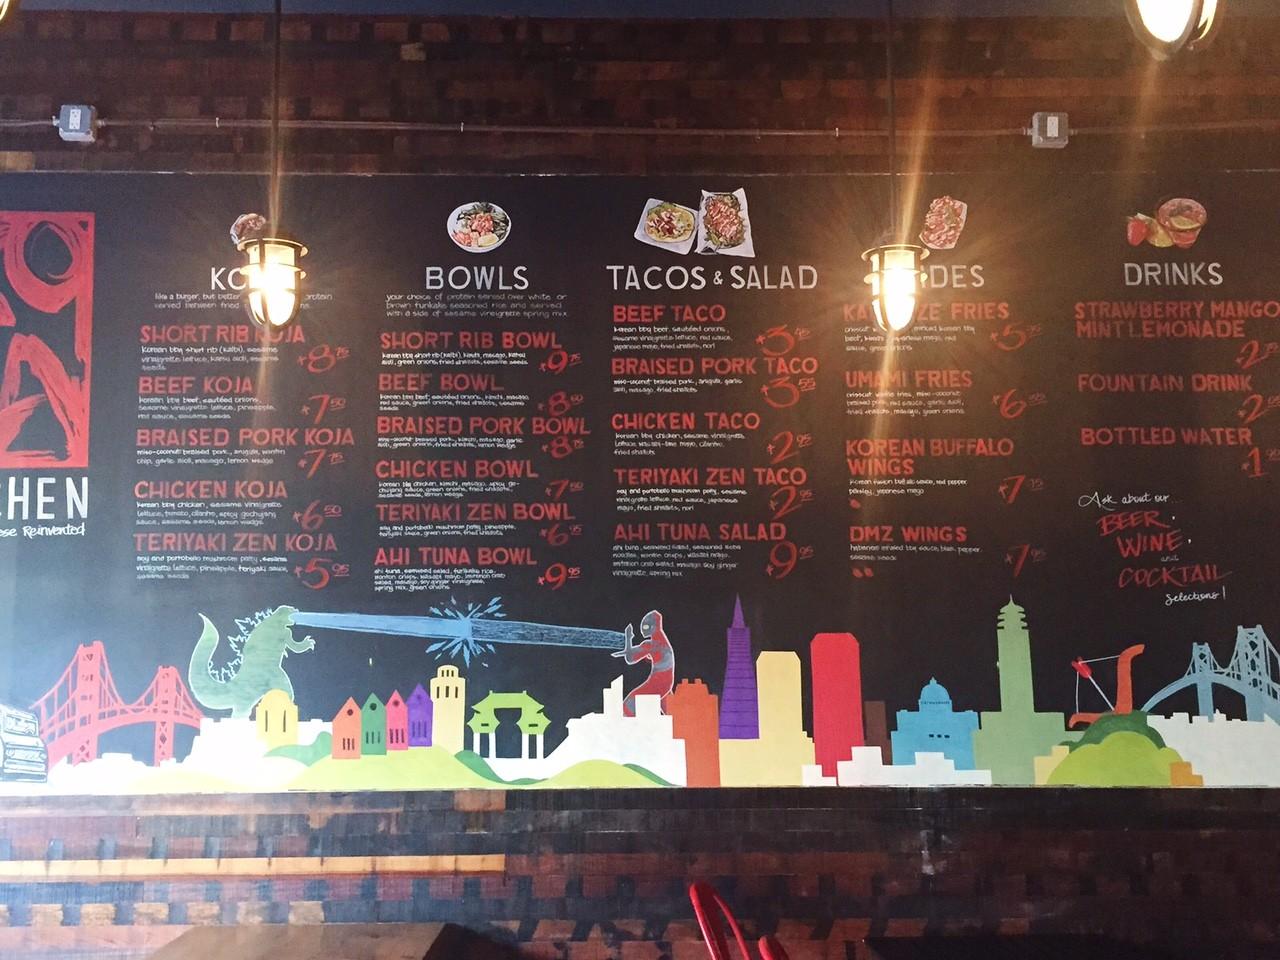 KoJa Kitchen s First San Francisco Restaurant Location Now